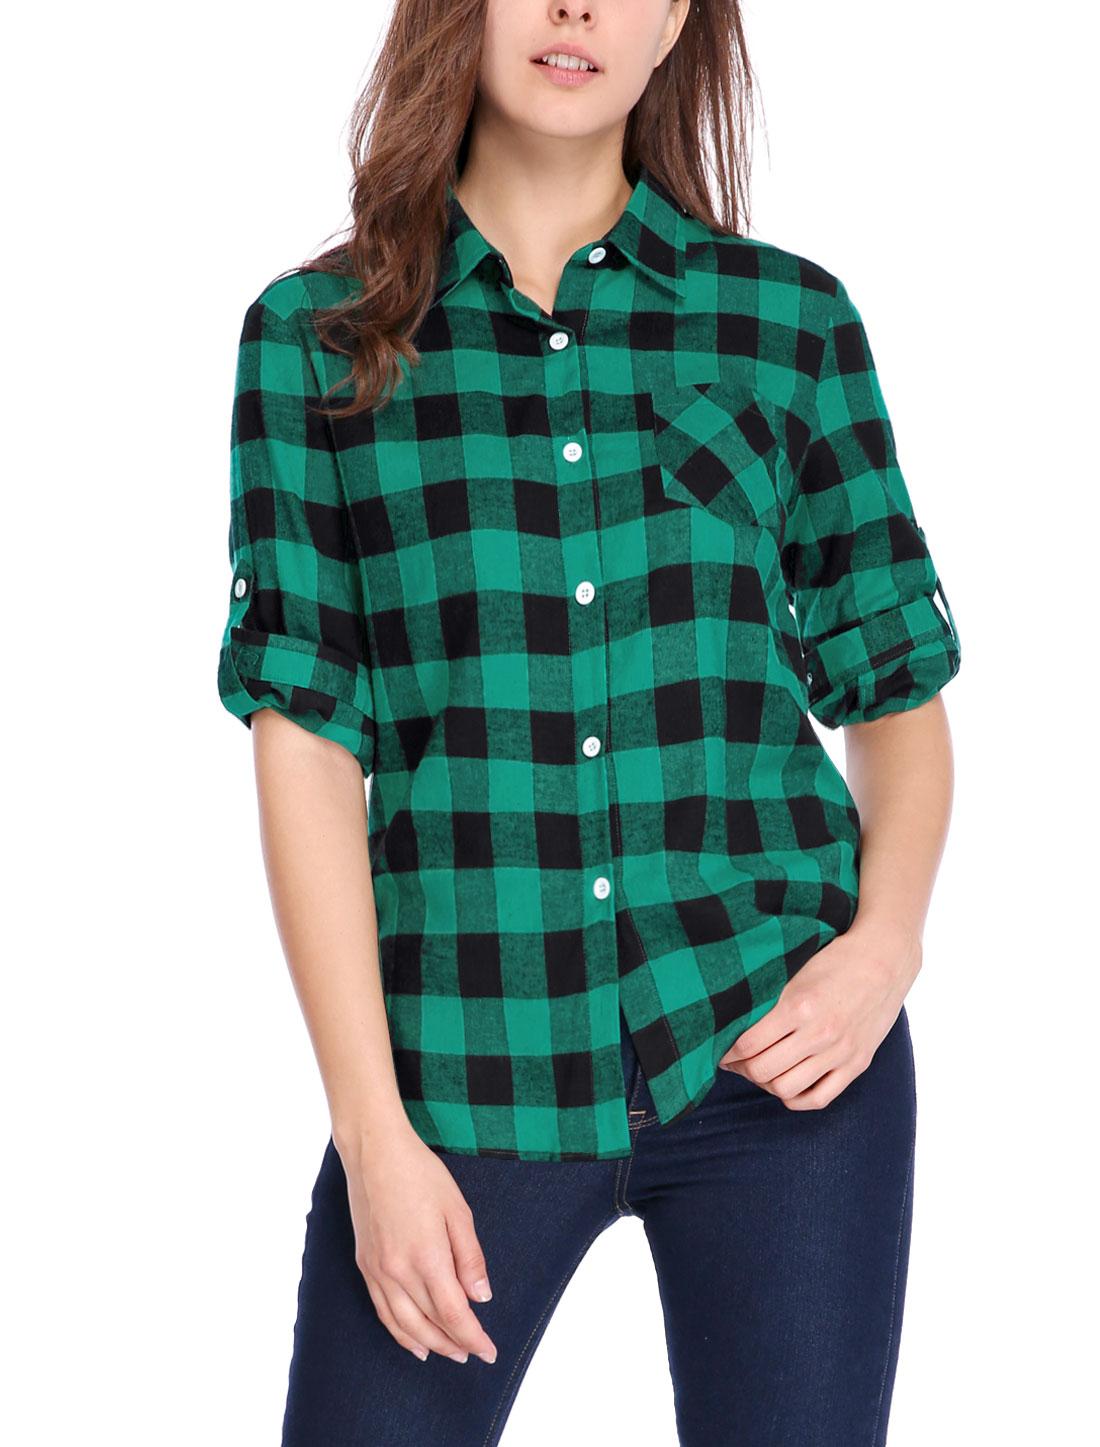 Women Button Up Point Collar Pocket Plaids Print Shirt Green Black XS